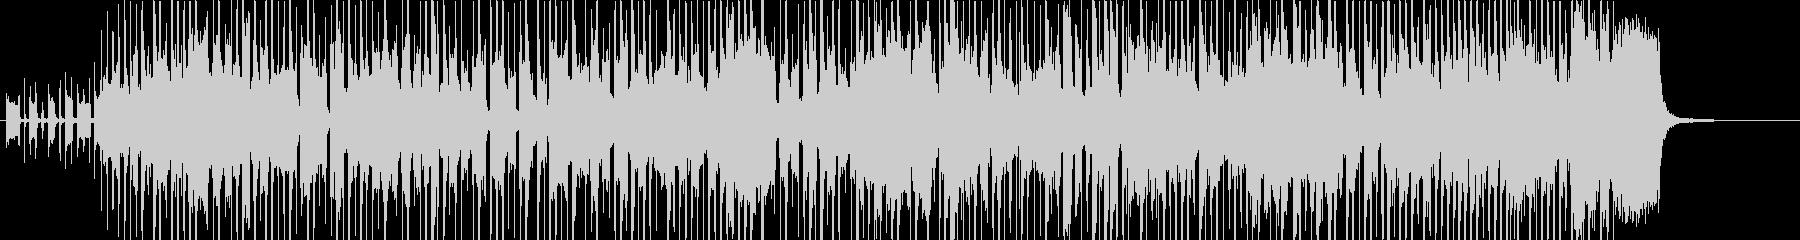 スラップベースの効いたファンク曲の未再生の波形